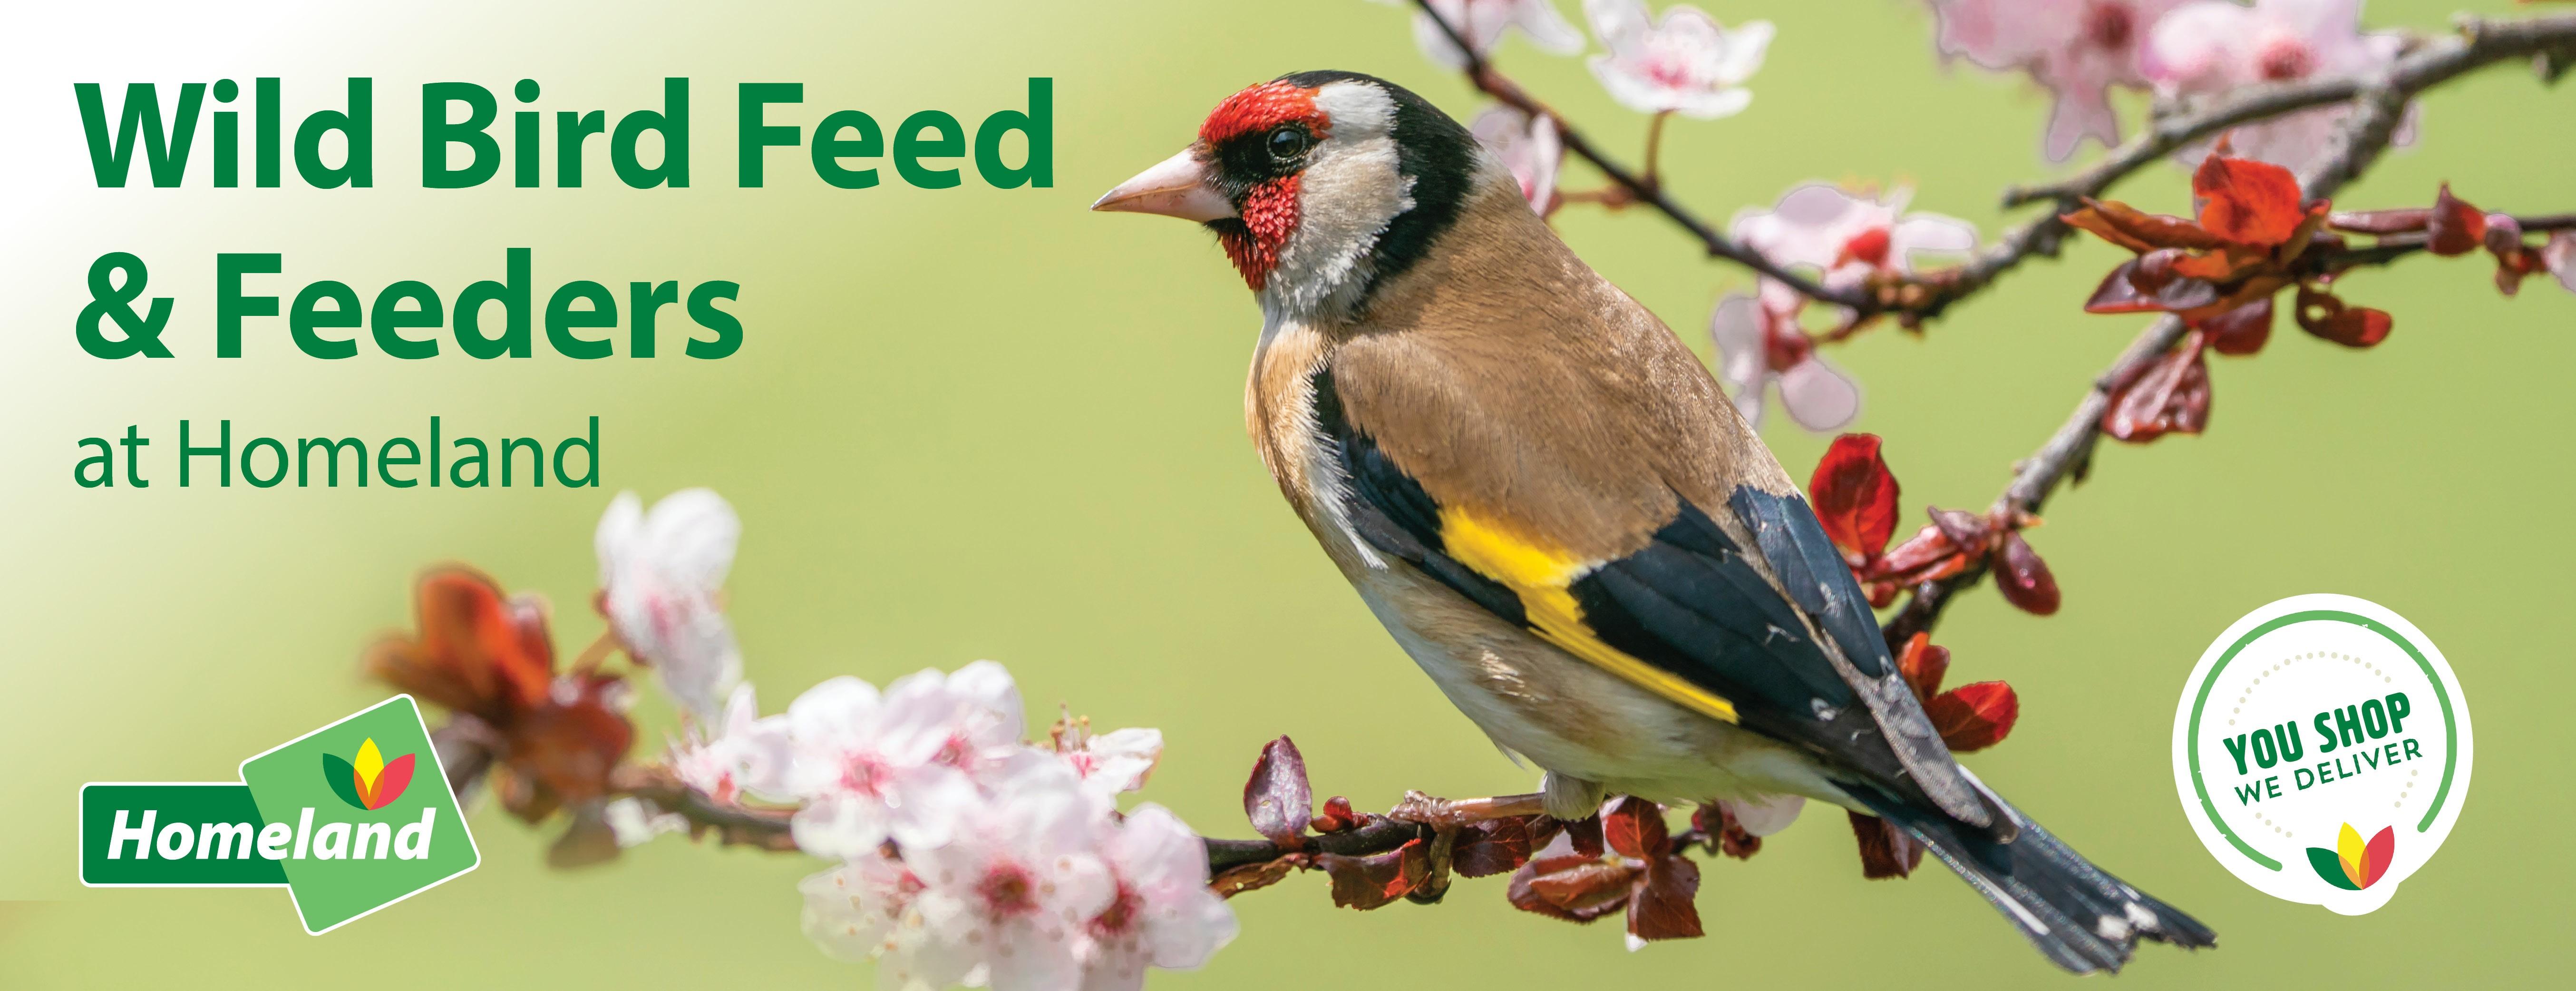 Wild-Bird-Web-banner